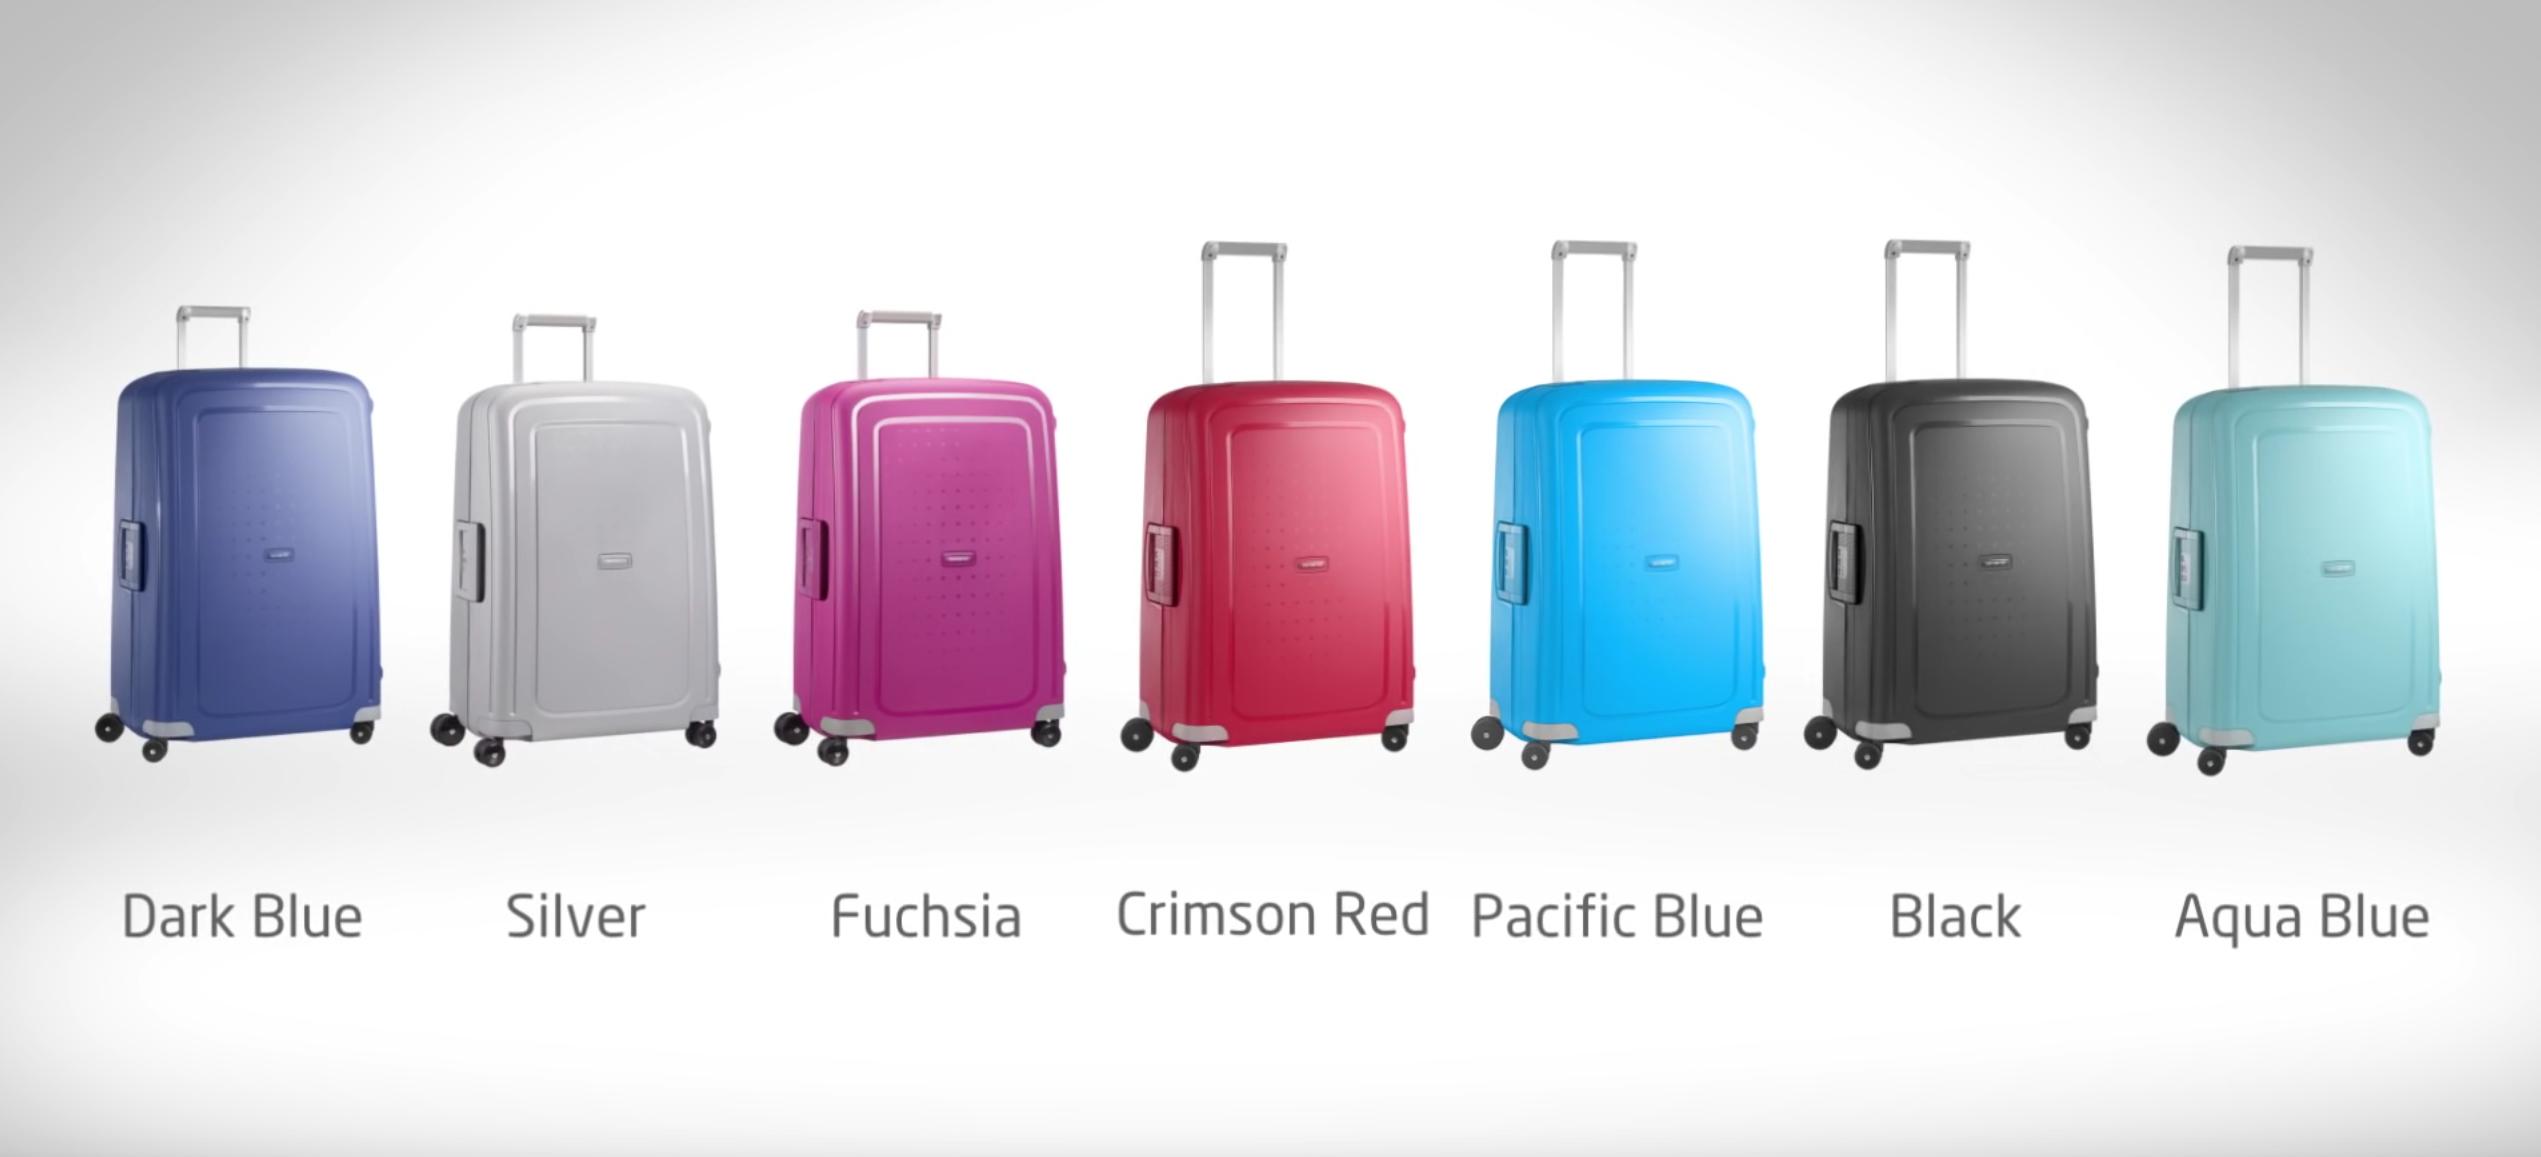 Der richtige Koffer für 3 Wochen USA?